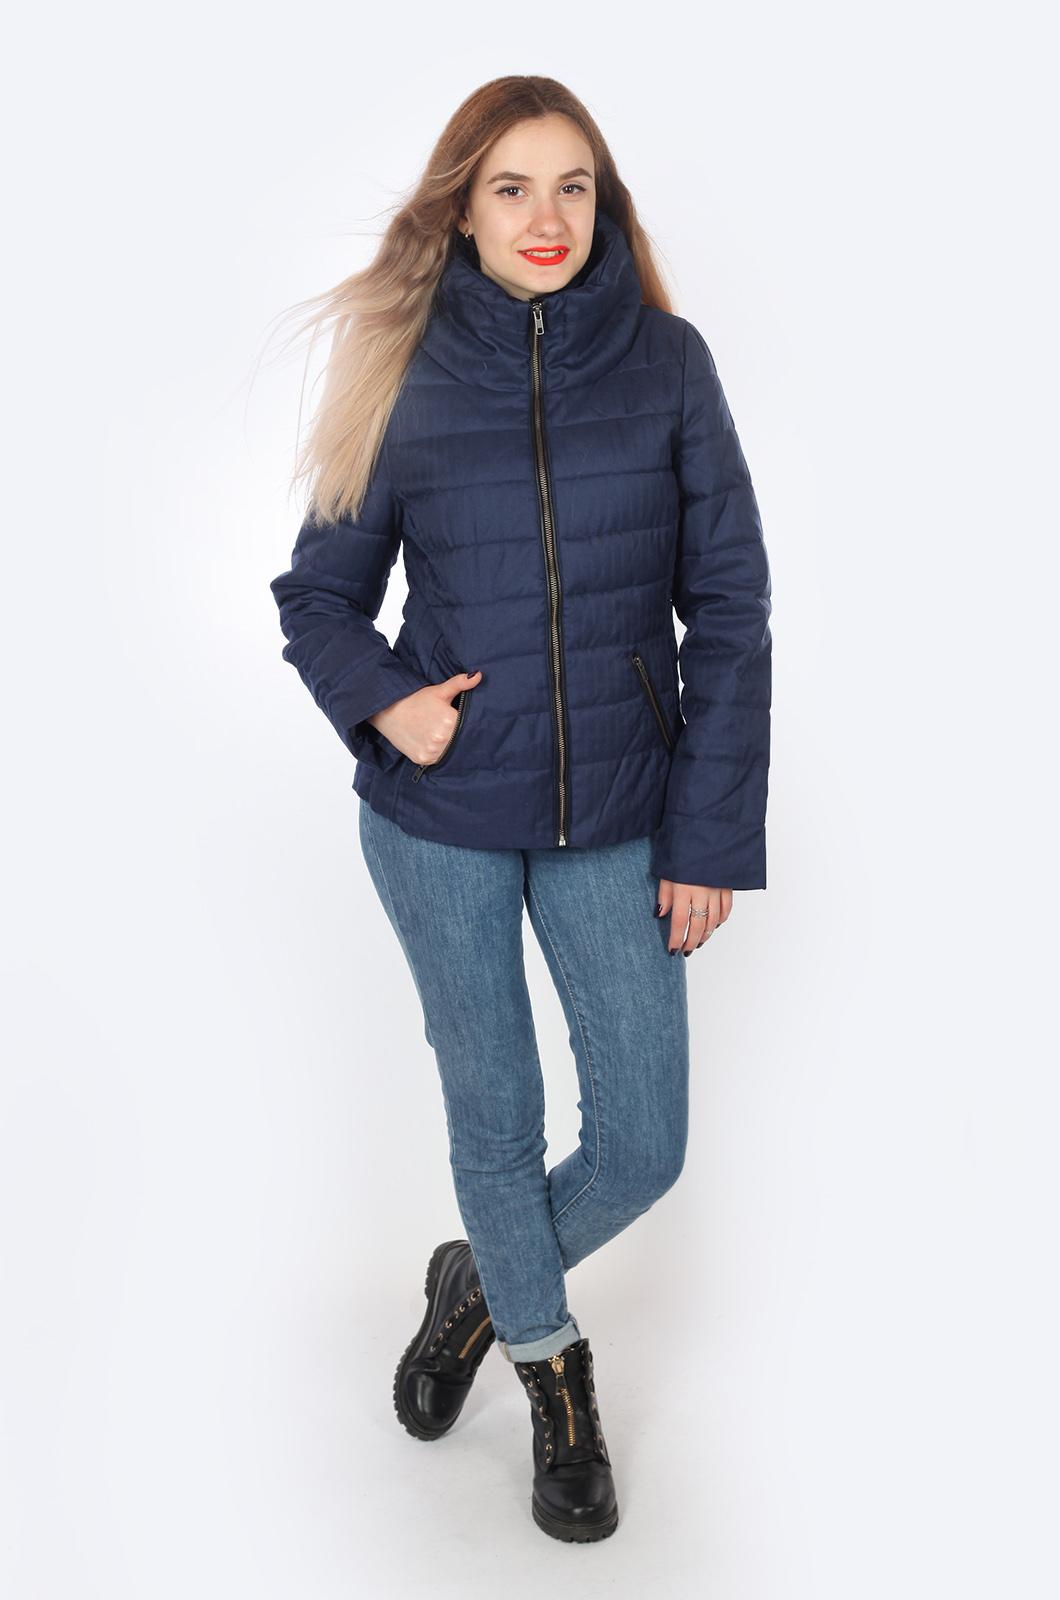 Спортивная куртка синего цвета: высокий ворот, карманы